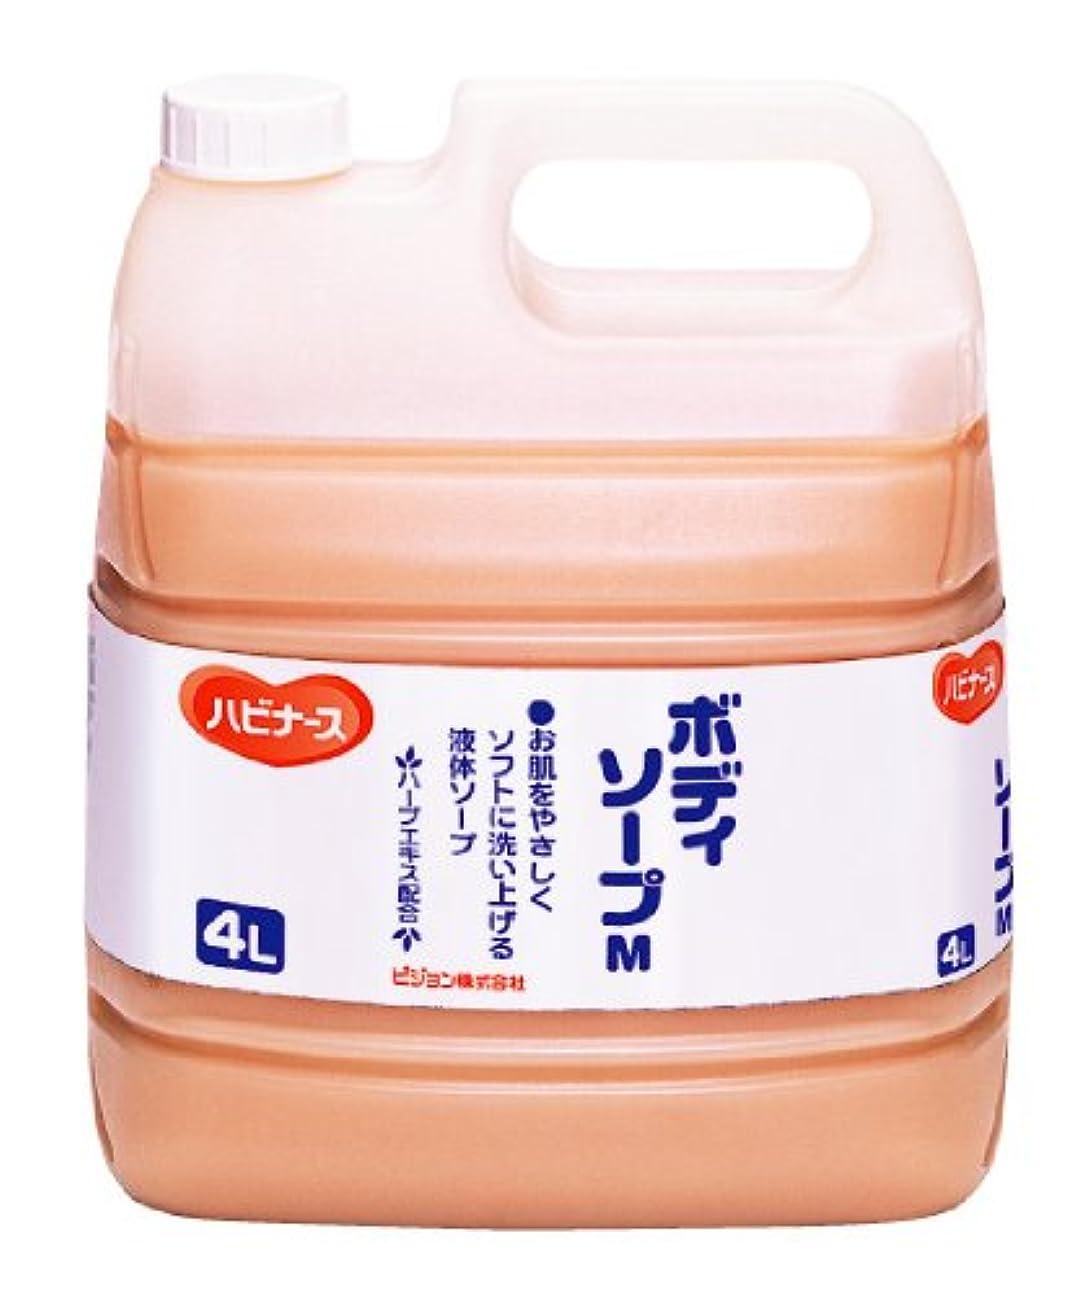 紫の急速な致命的ハビナース ボディソープ 4L [業務用]